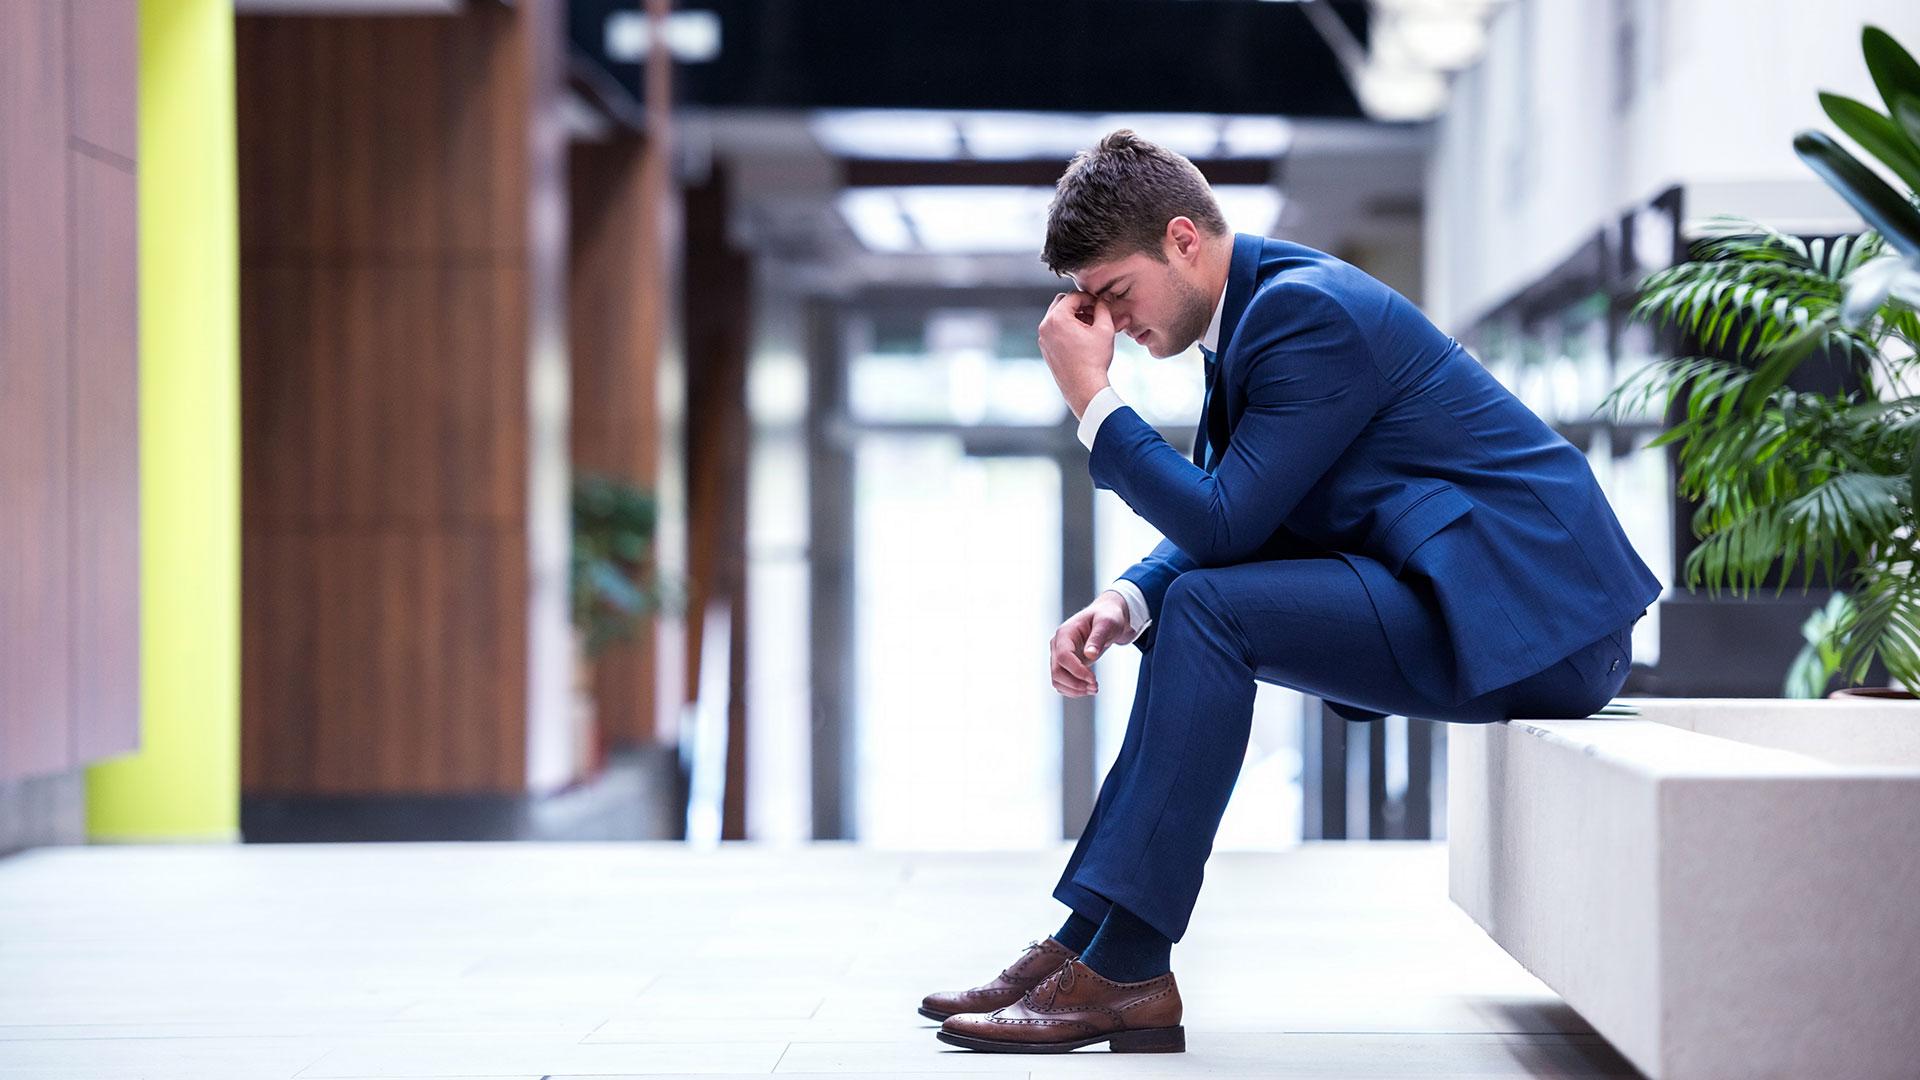 Các sai lầm thường mắc phải trong đầu tư chứng khoán